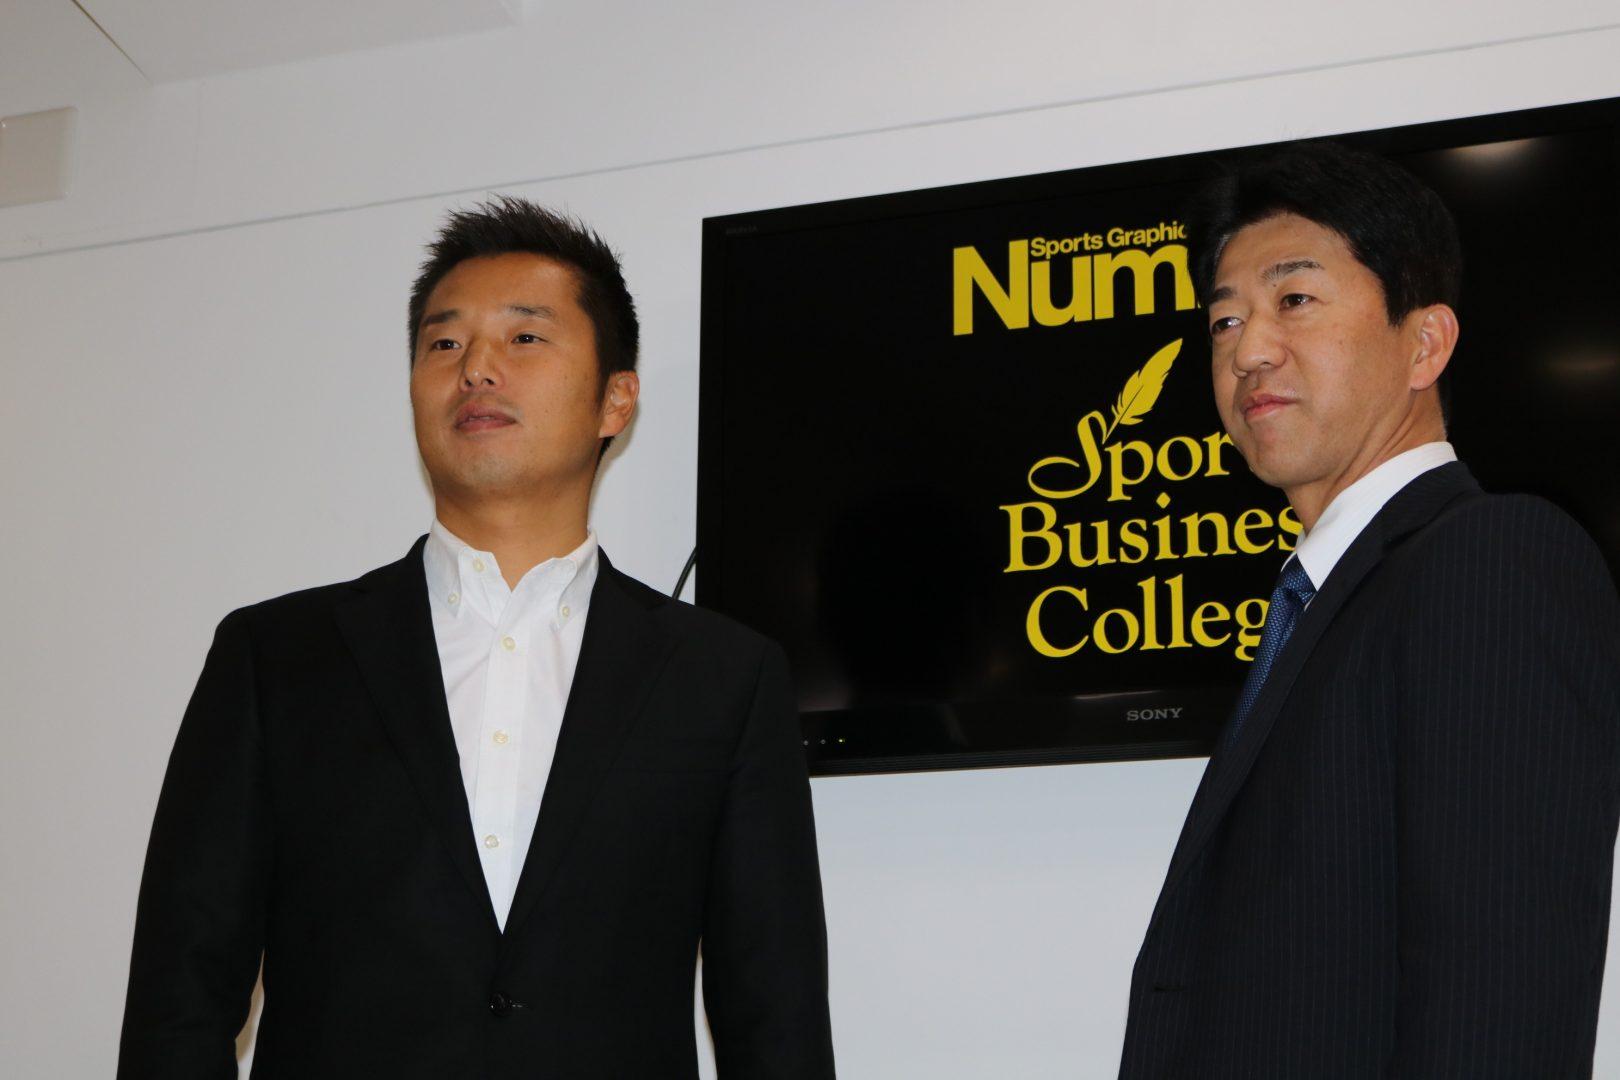 松下浩二理事が池田純氏に語ったTリーグ構想とは?